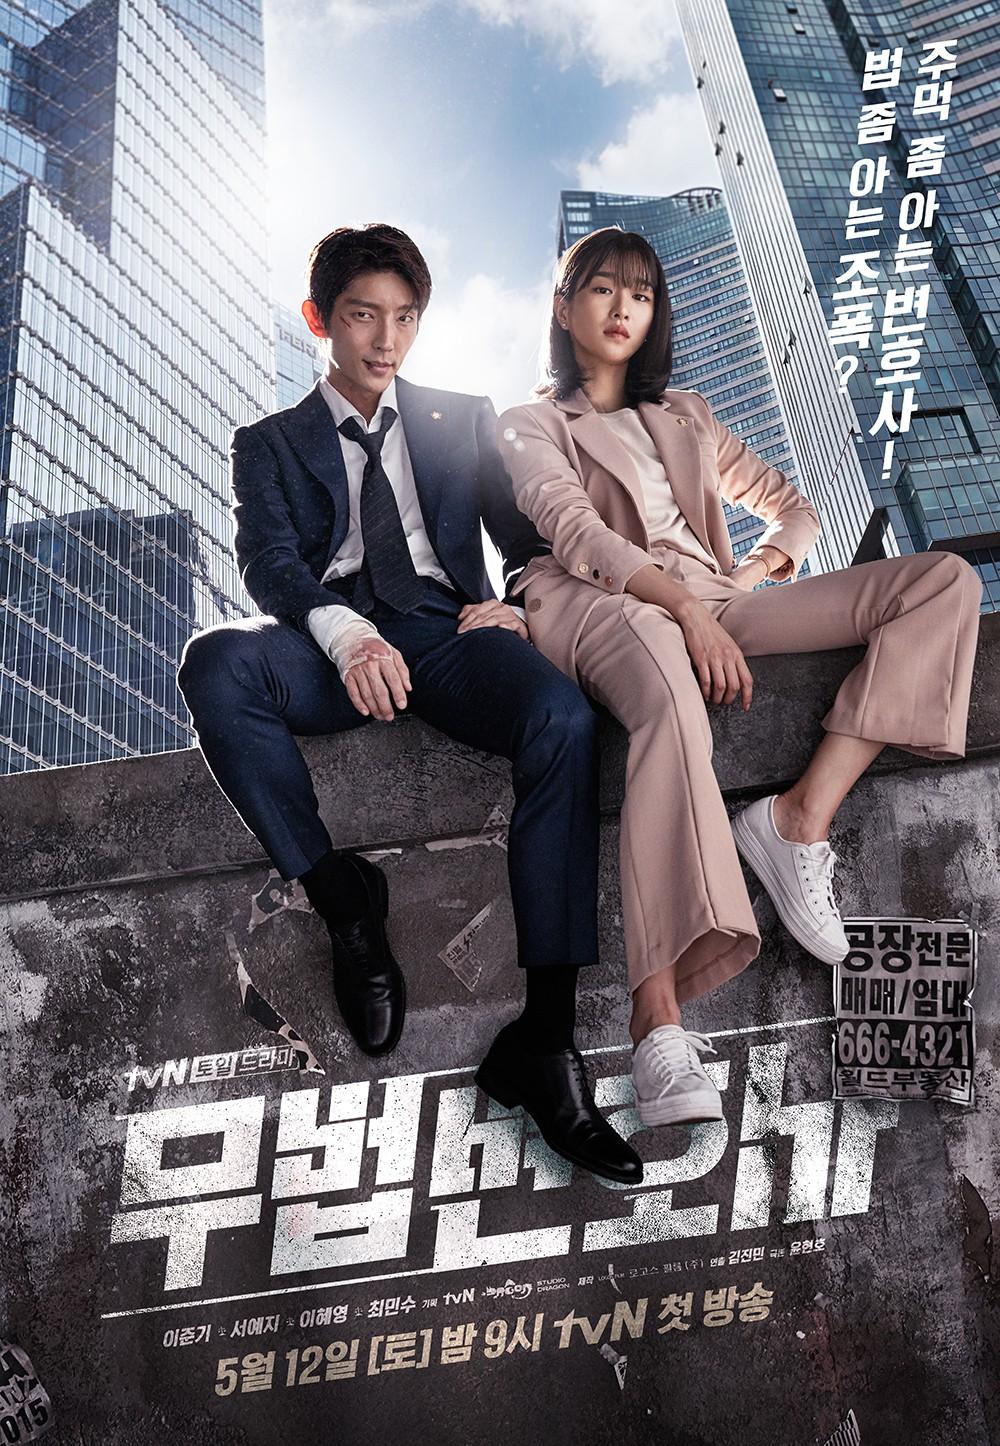 Phim ngầu lòi của Lee Jun Ki mới chiếu đã rating béo múp, còn chất lượng thì sao? - Ảnh 1.